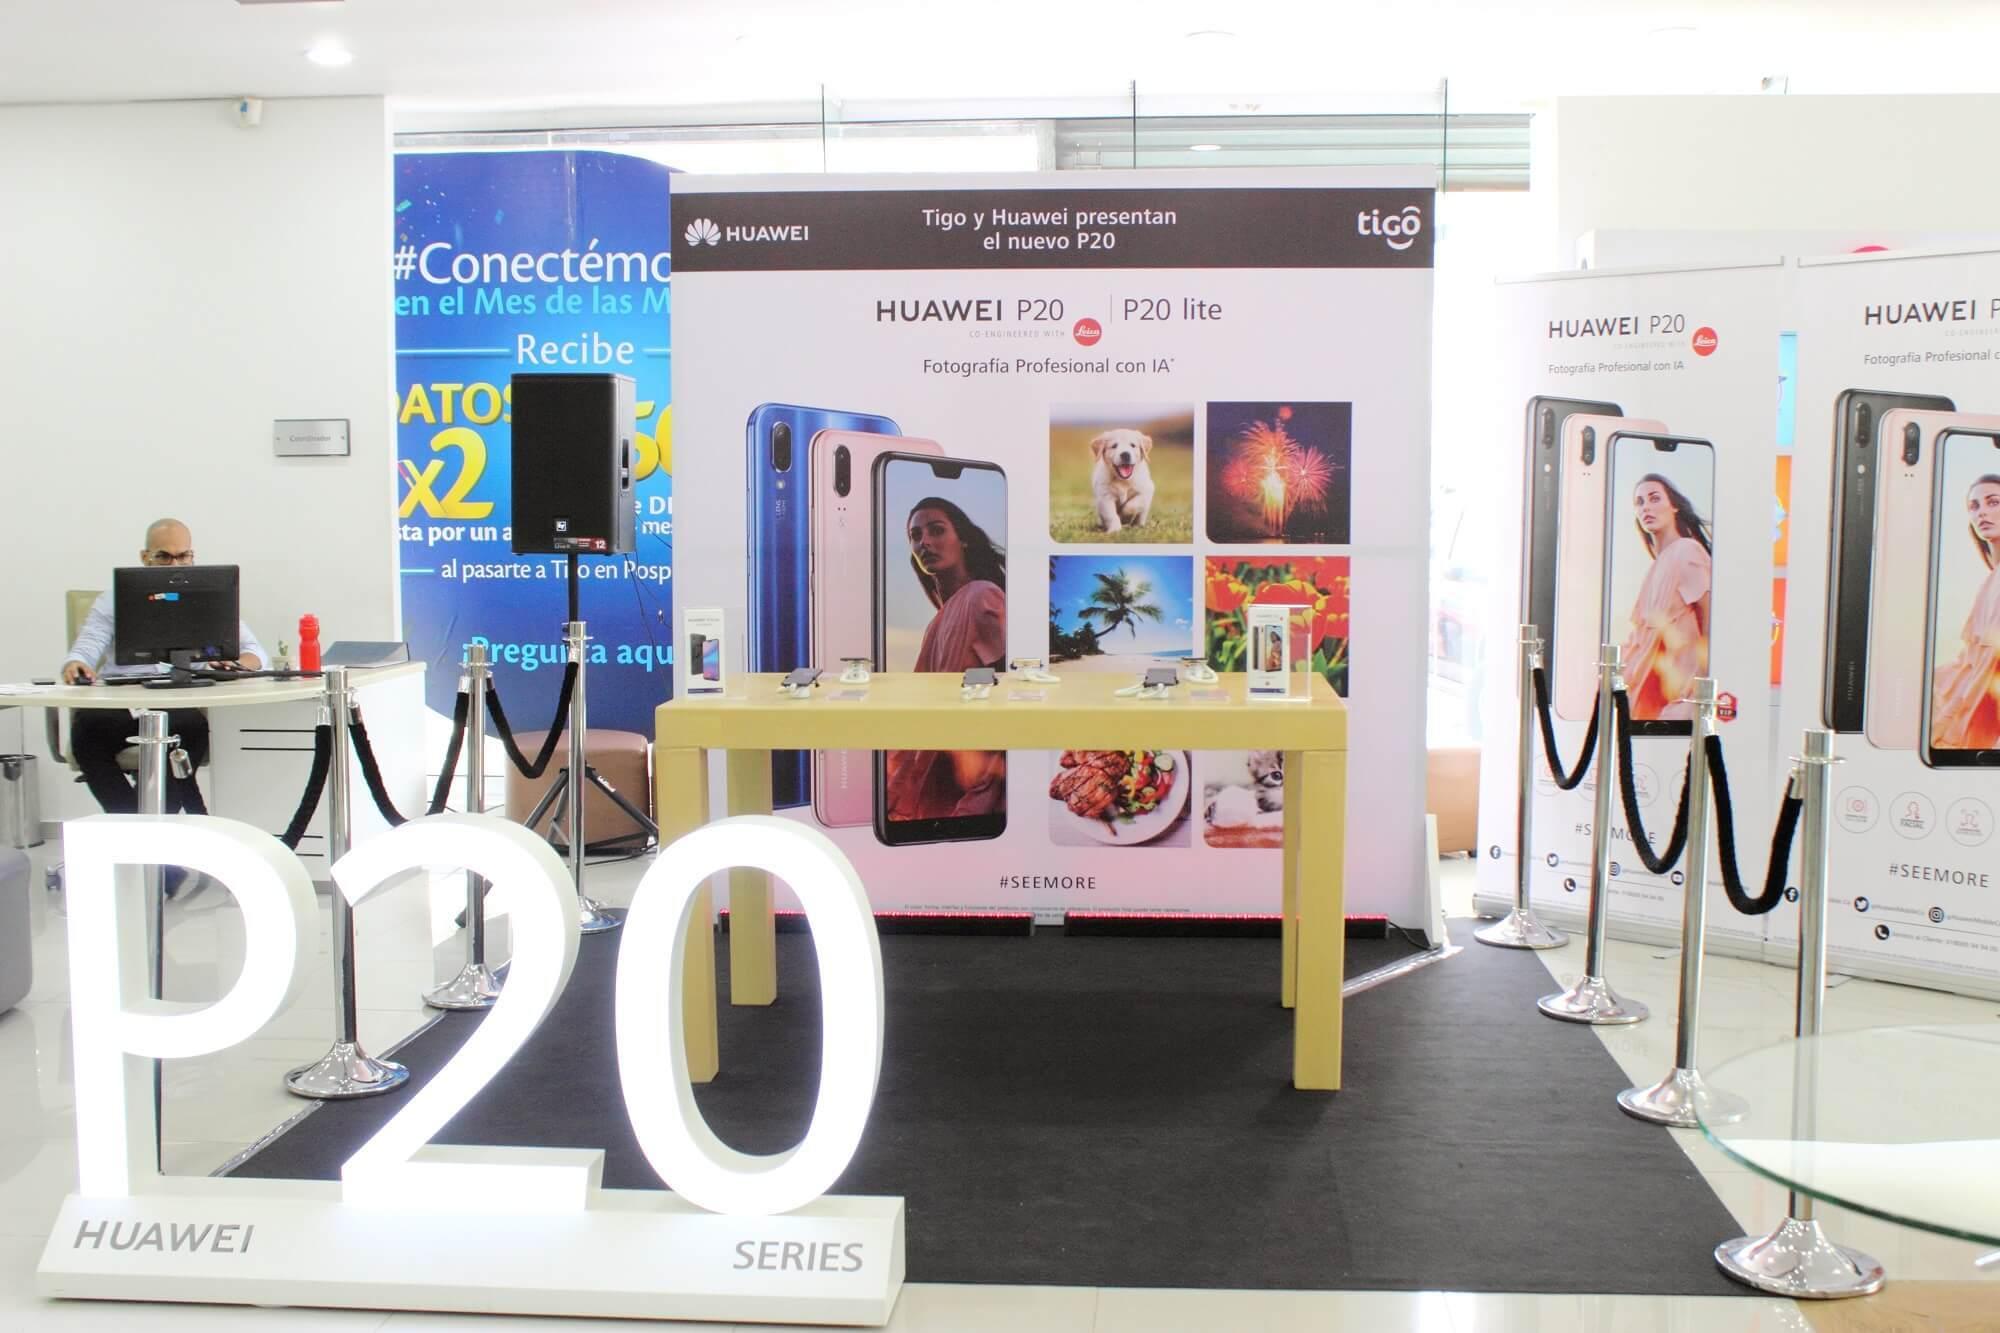 Mas de 3.000 Huawei P20 adquiridos en preventa en Colombia